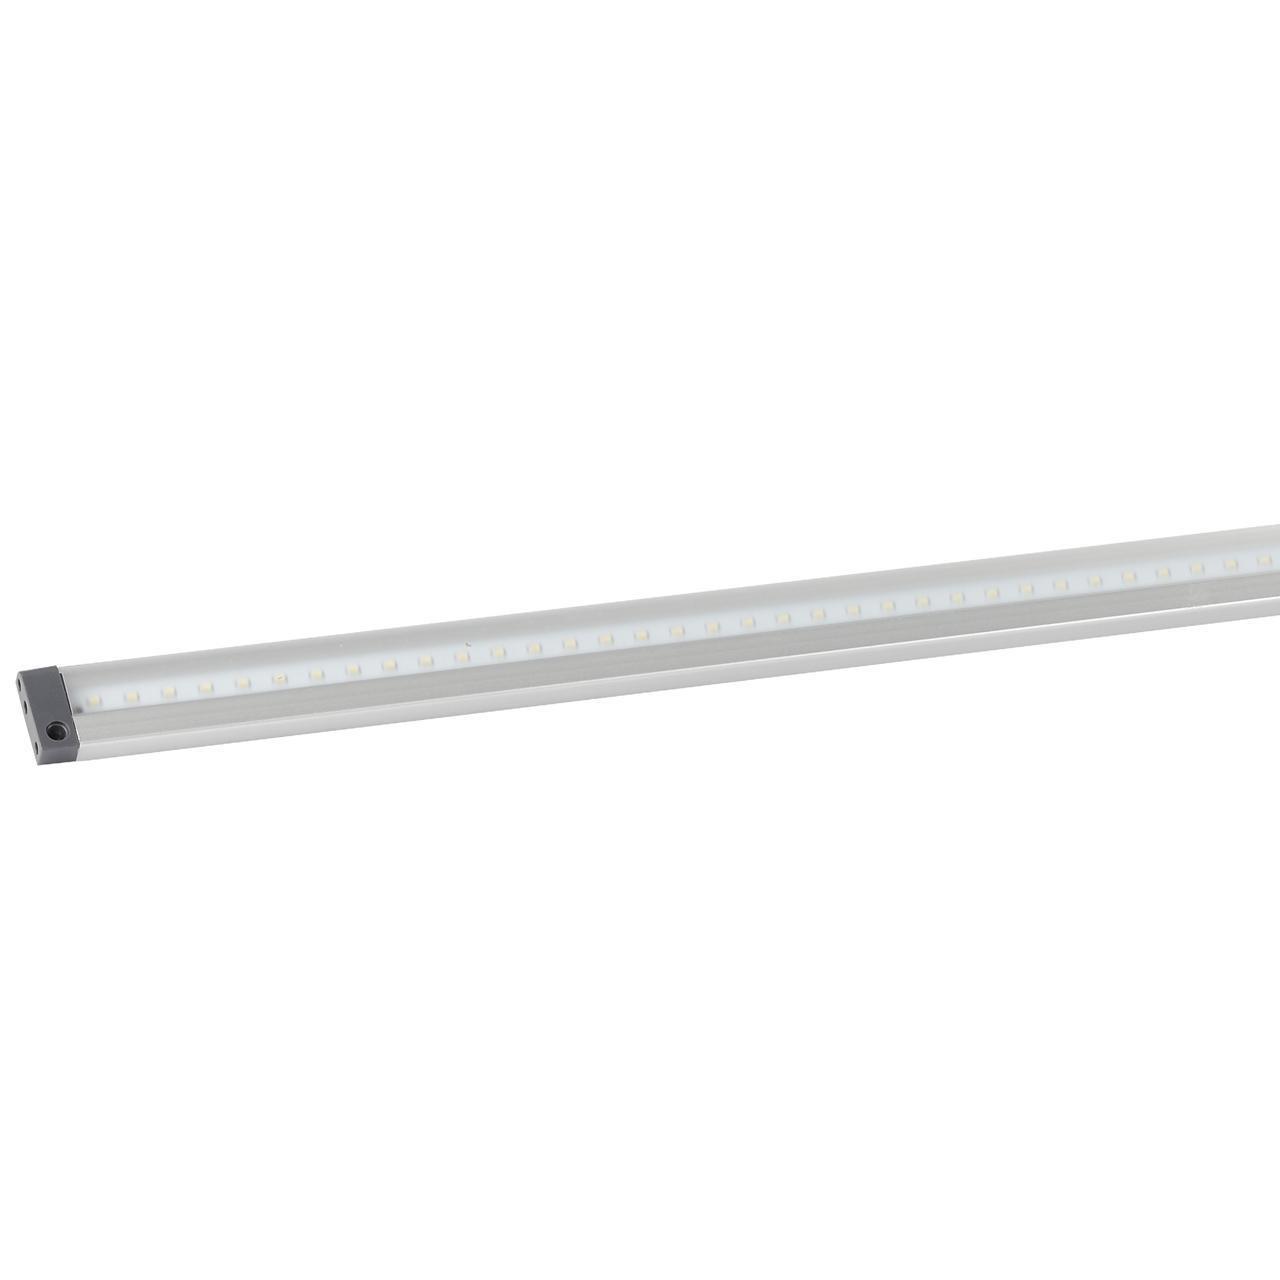 Мебельный светодиодный светильник ЭРА LM-5-840-I1